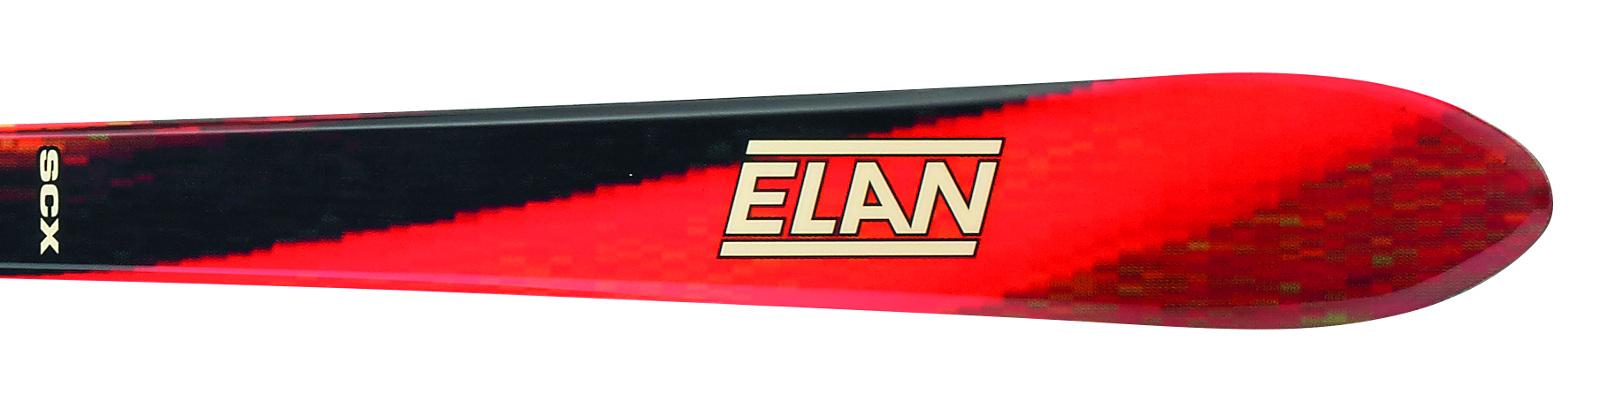 Elan SCX, rocznik 95/96 (z archiwum Elana)